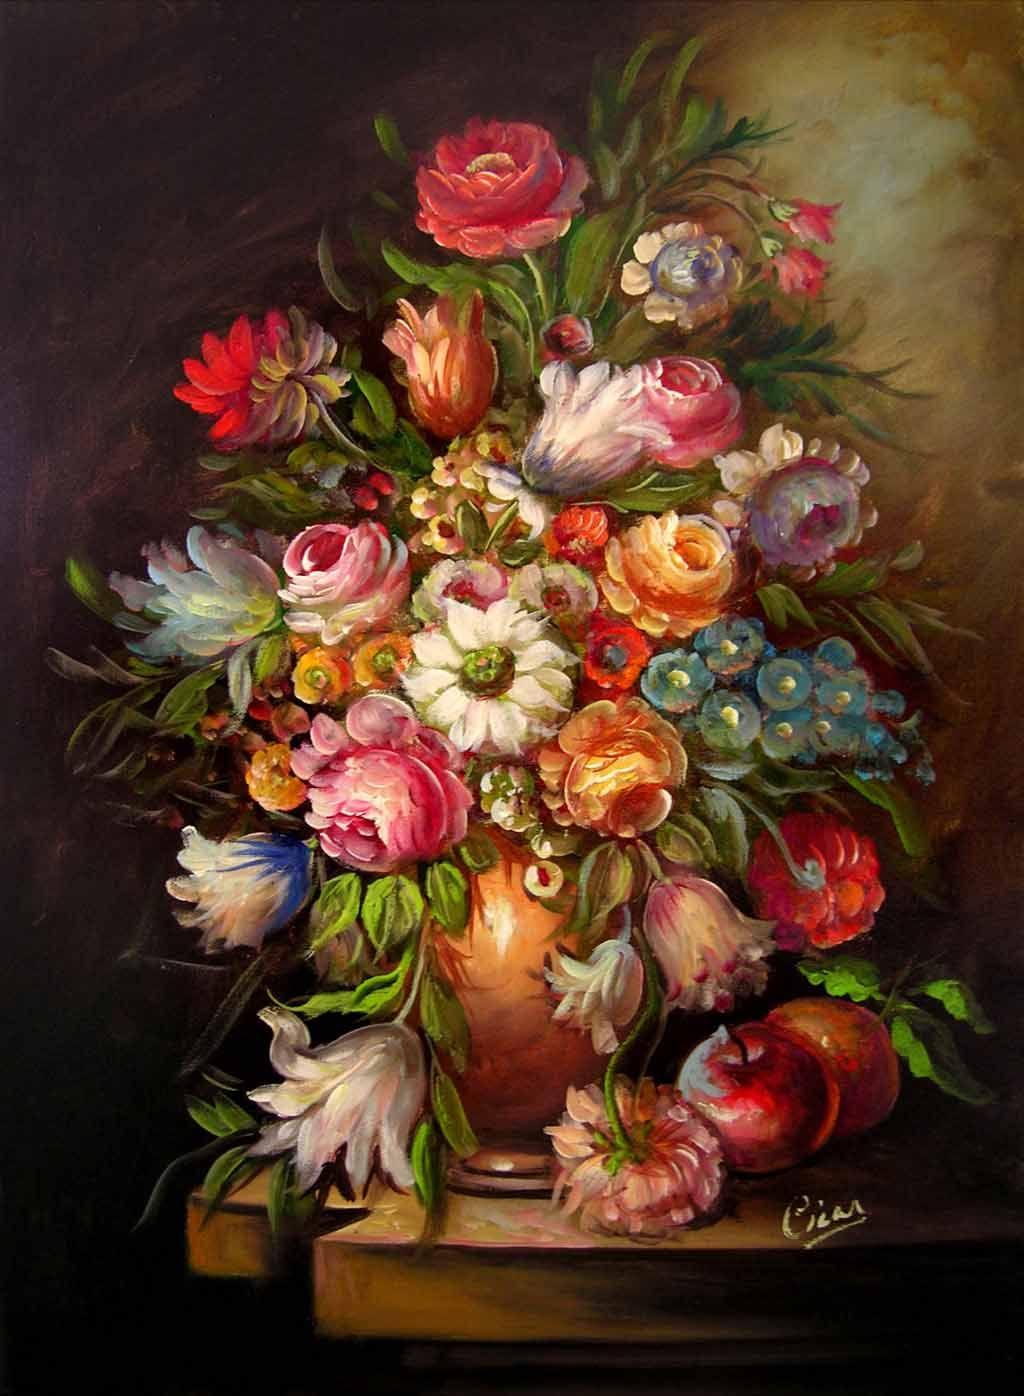 Vaso con fiori c14 quadro del pittore cicas sedna arte for Vasi di fiori dipinti